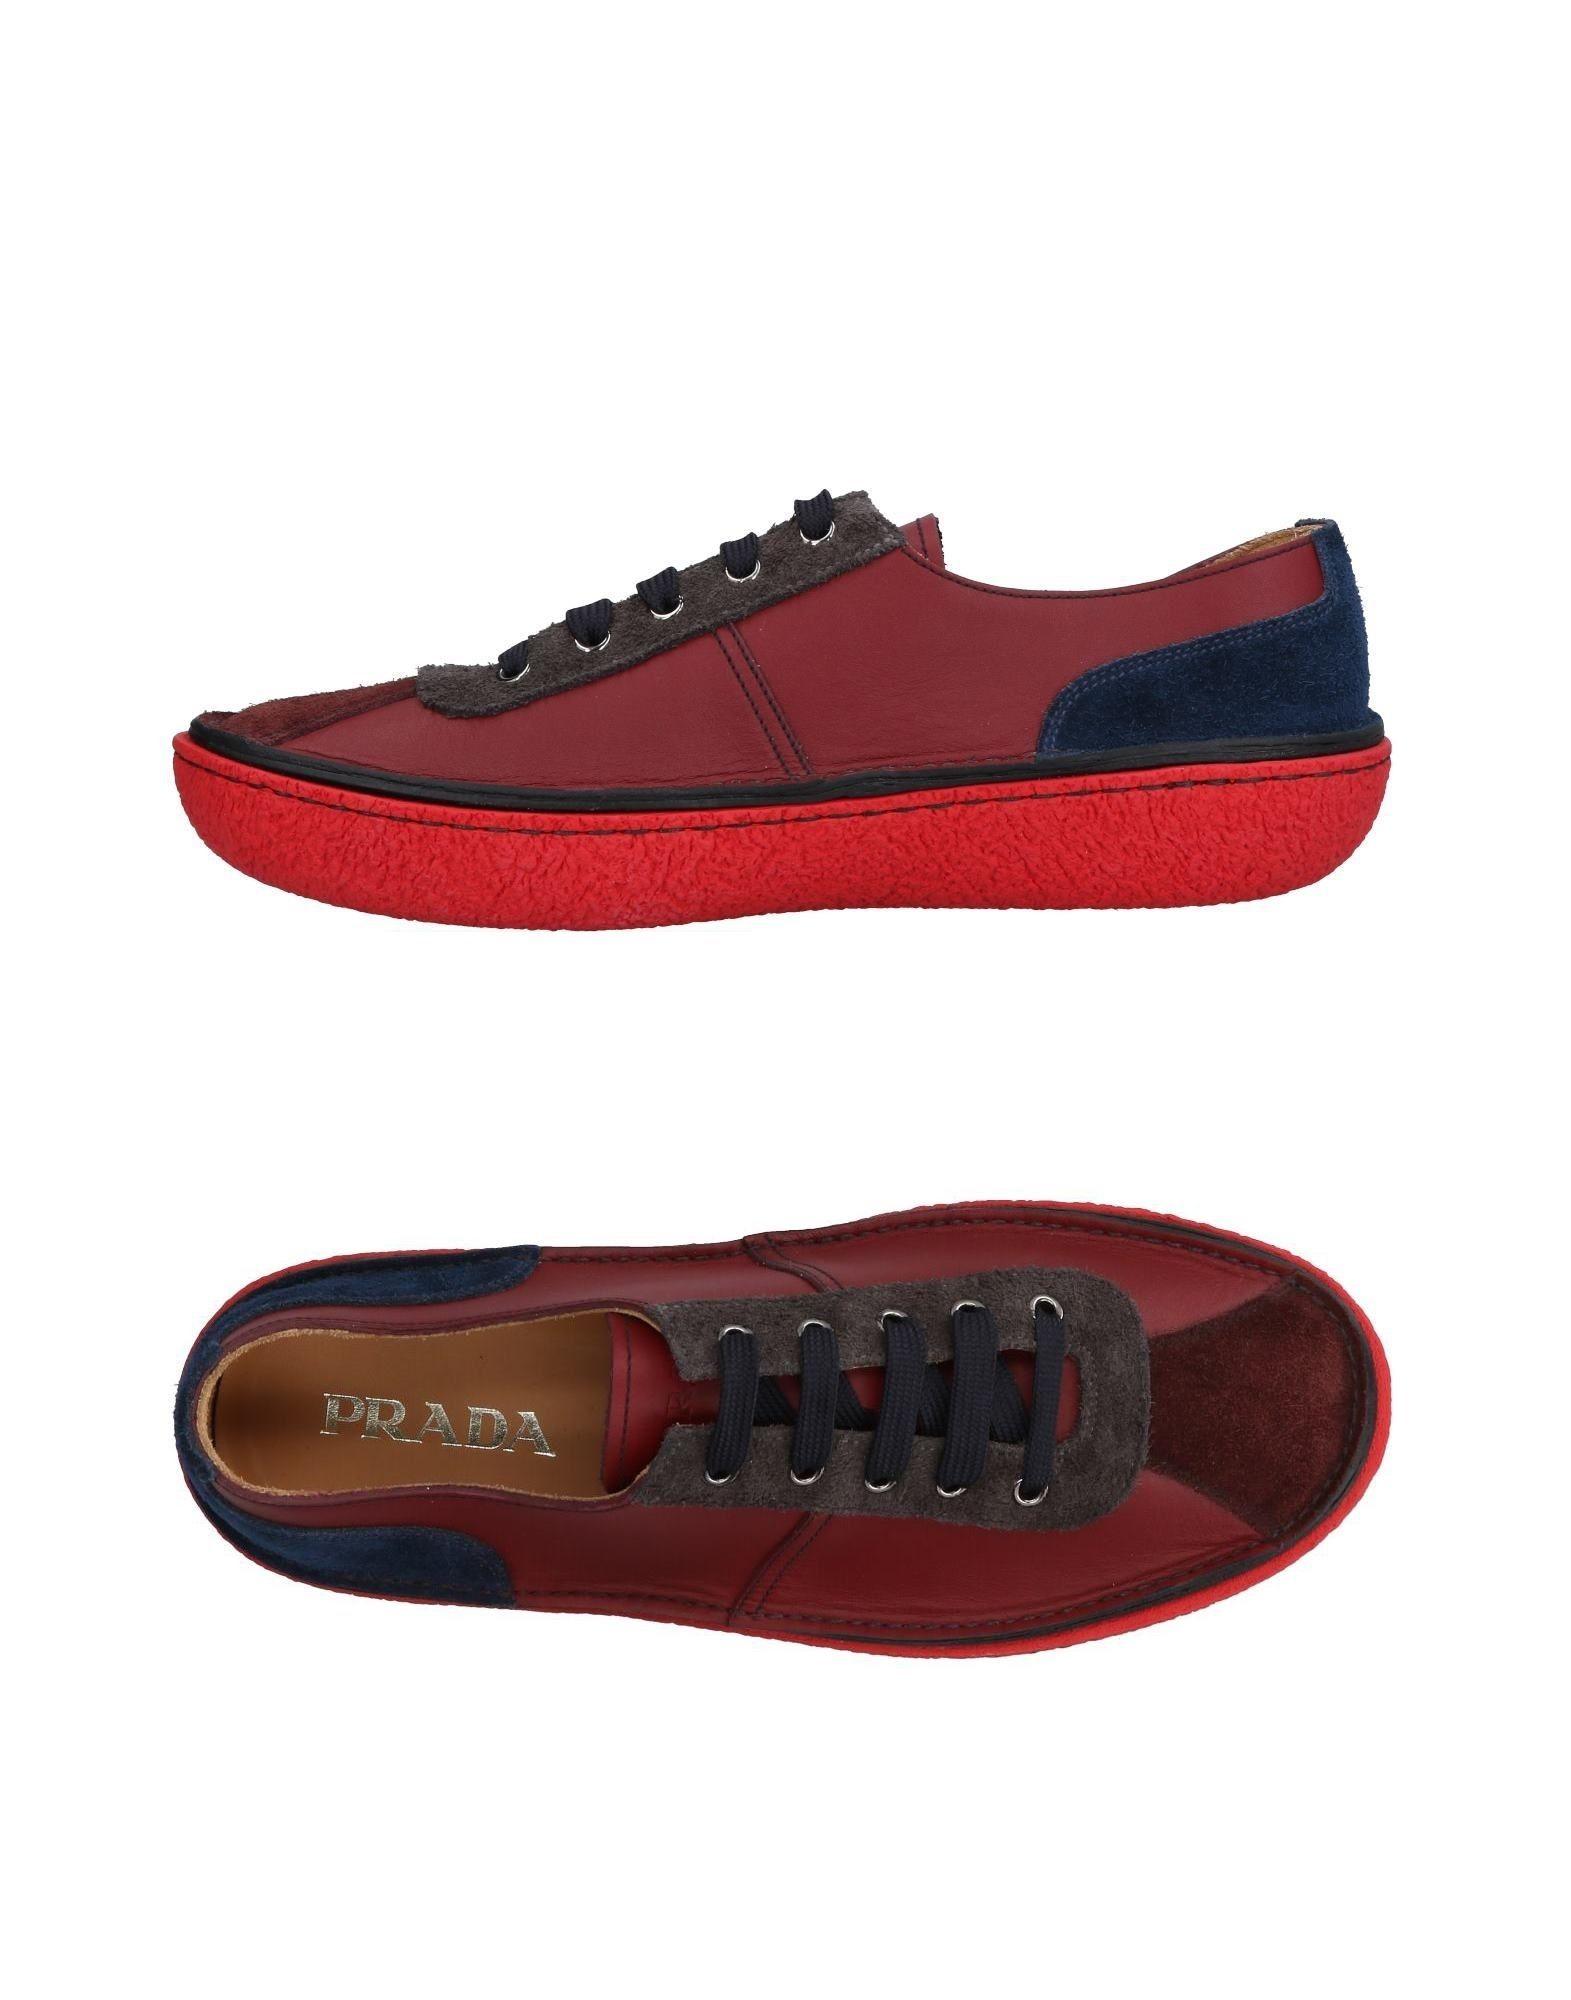 Prada Sneakers Herren  11484491UW Gute Qualität beliebte Schuhe